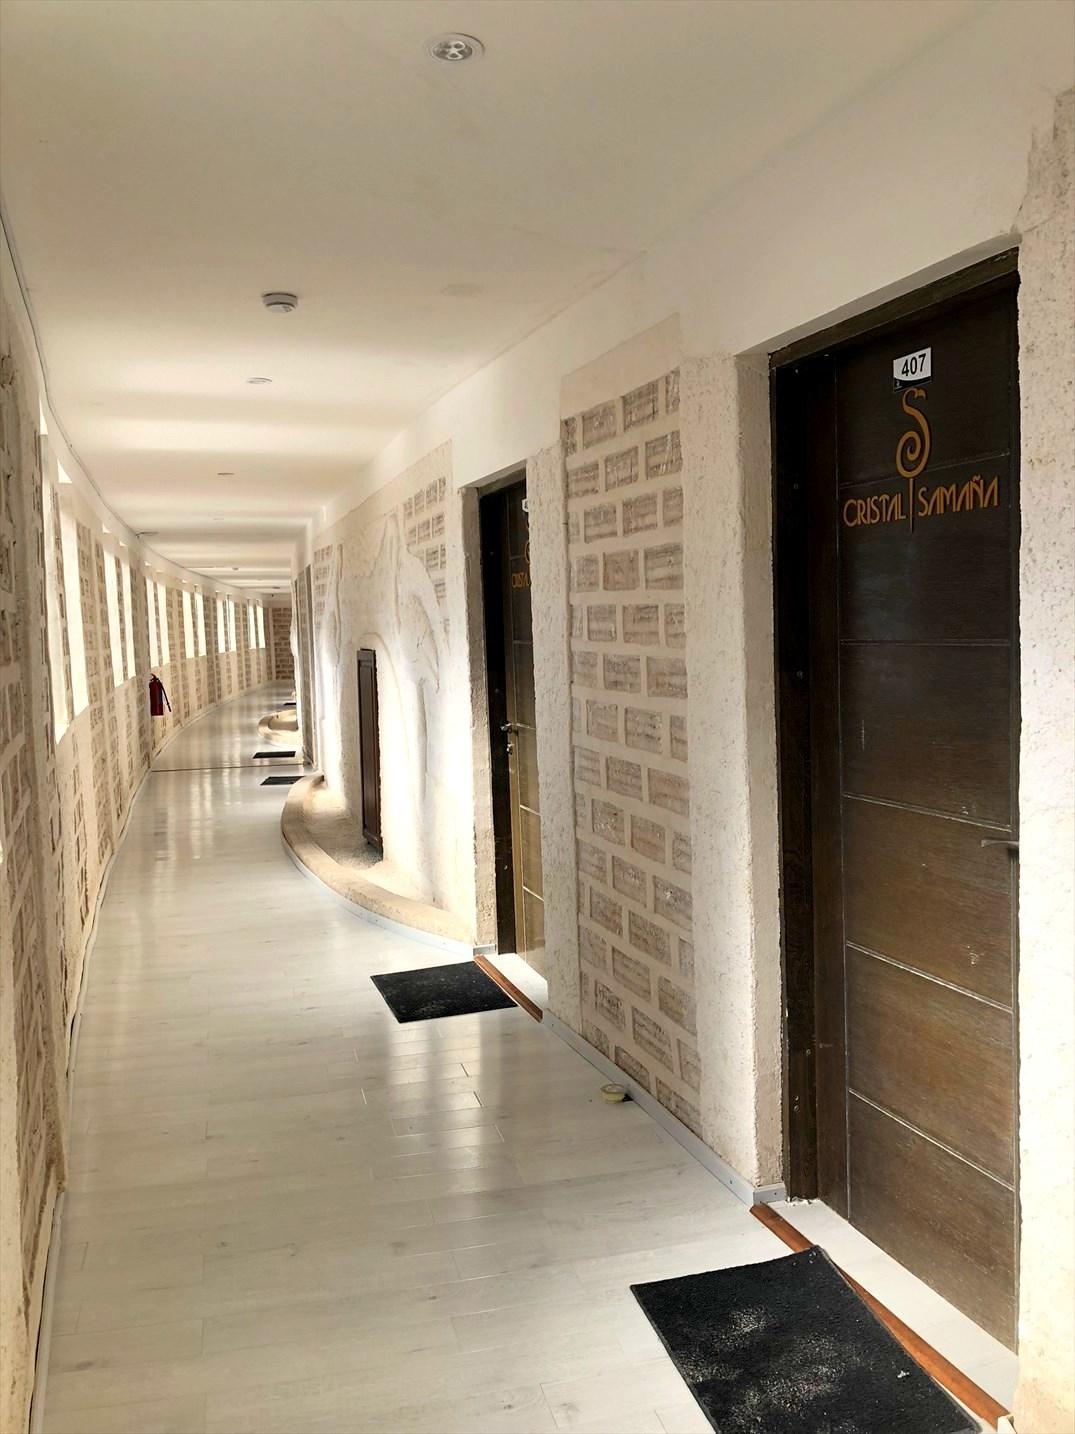 中南米の旅/30 Cristal Samaña Salt Hotel@ウユニ_a0092659_14422511.jpg